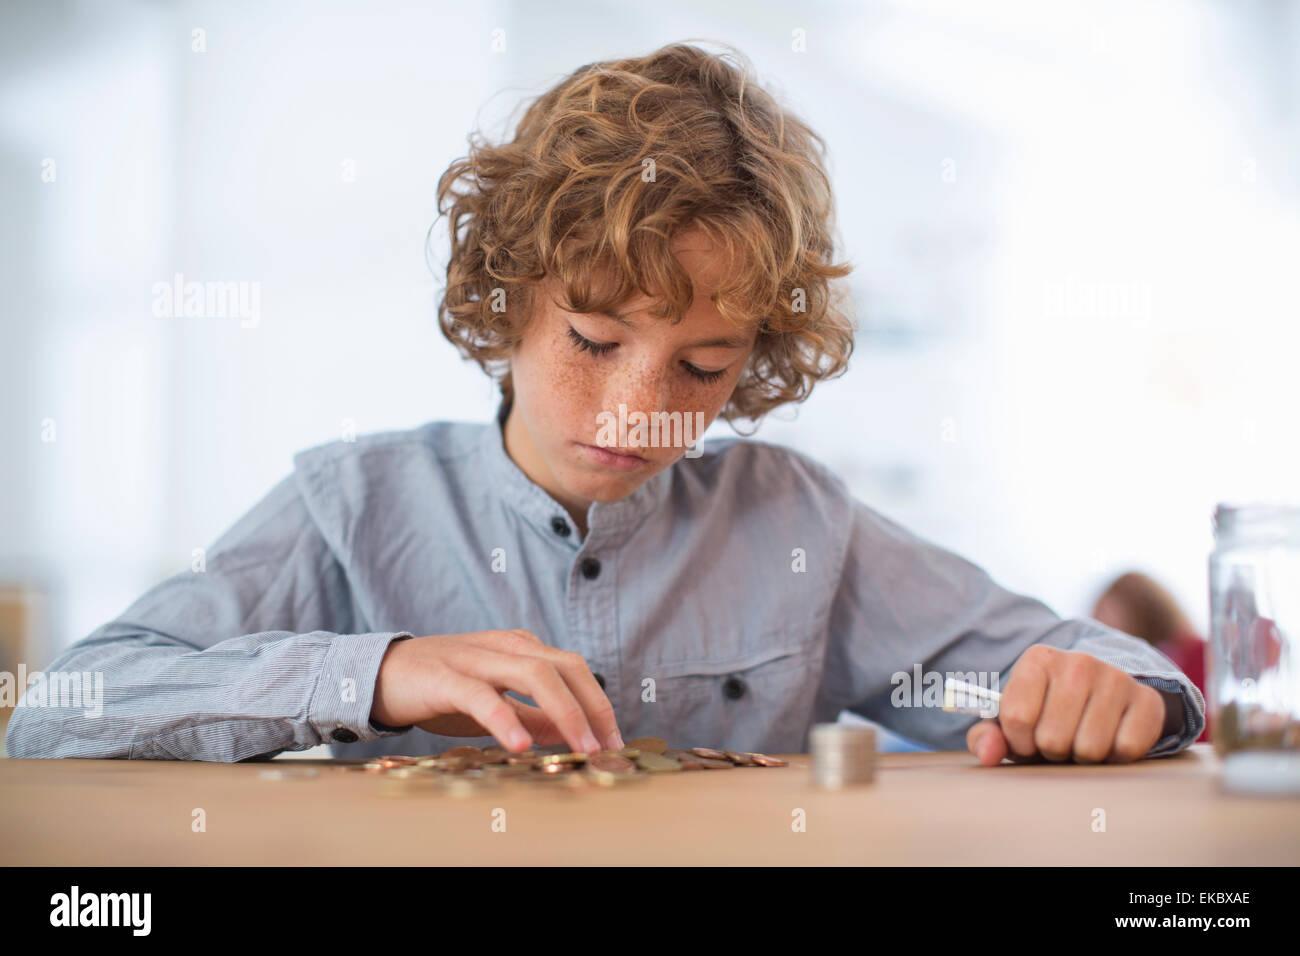 Teenage boy à compter des pièces Photo Stock